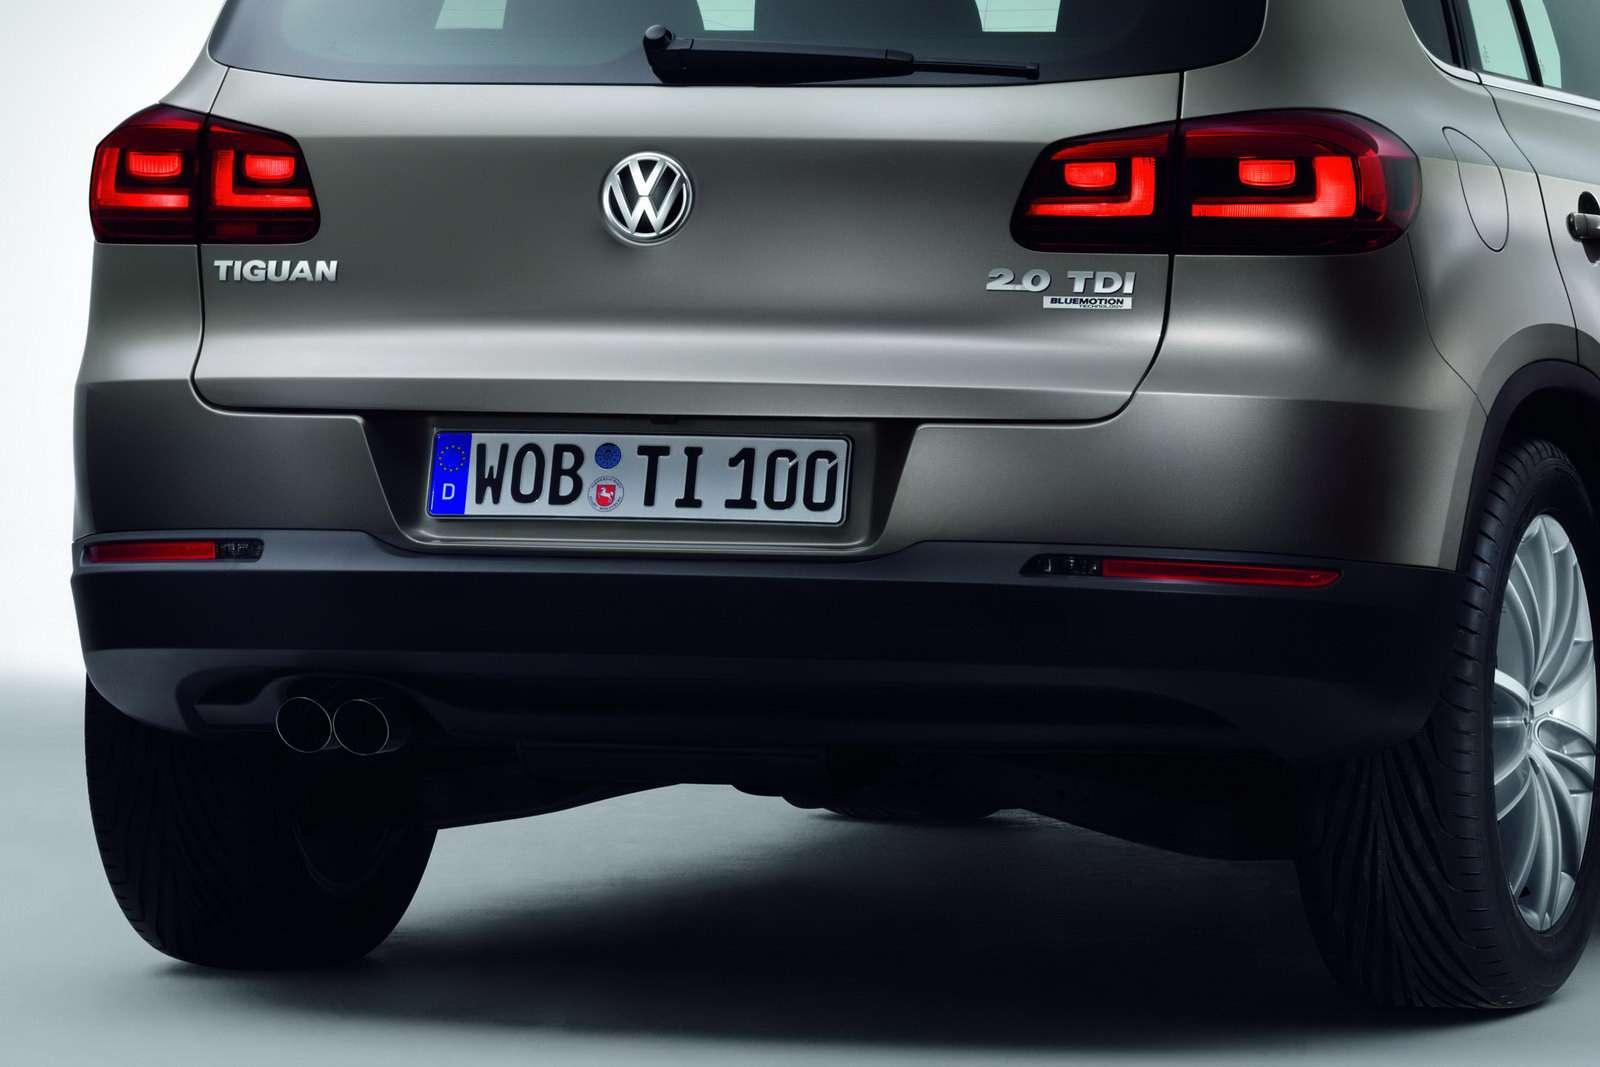 VW Tiguan SUV 2012 oficjalnie luty 2011